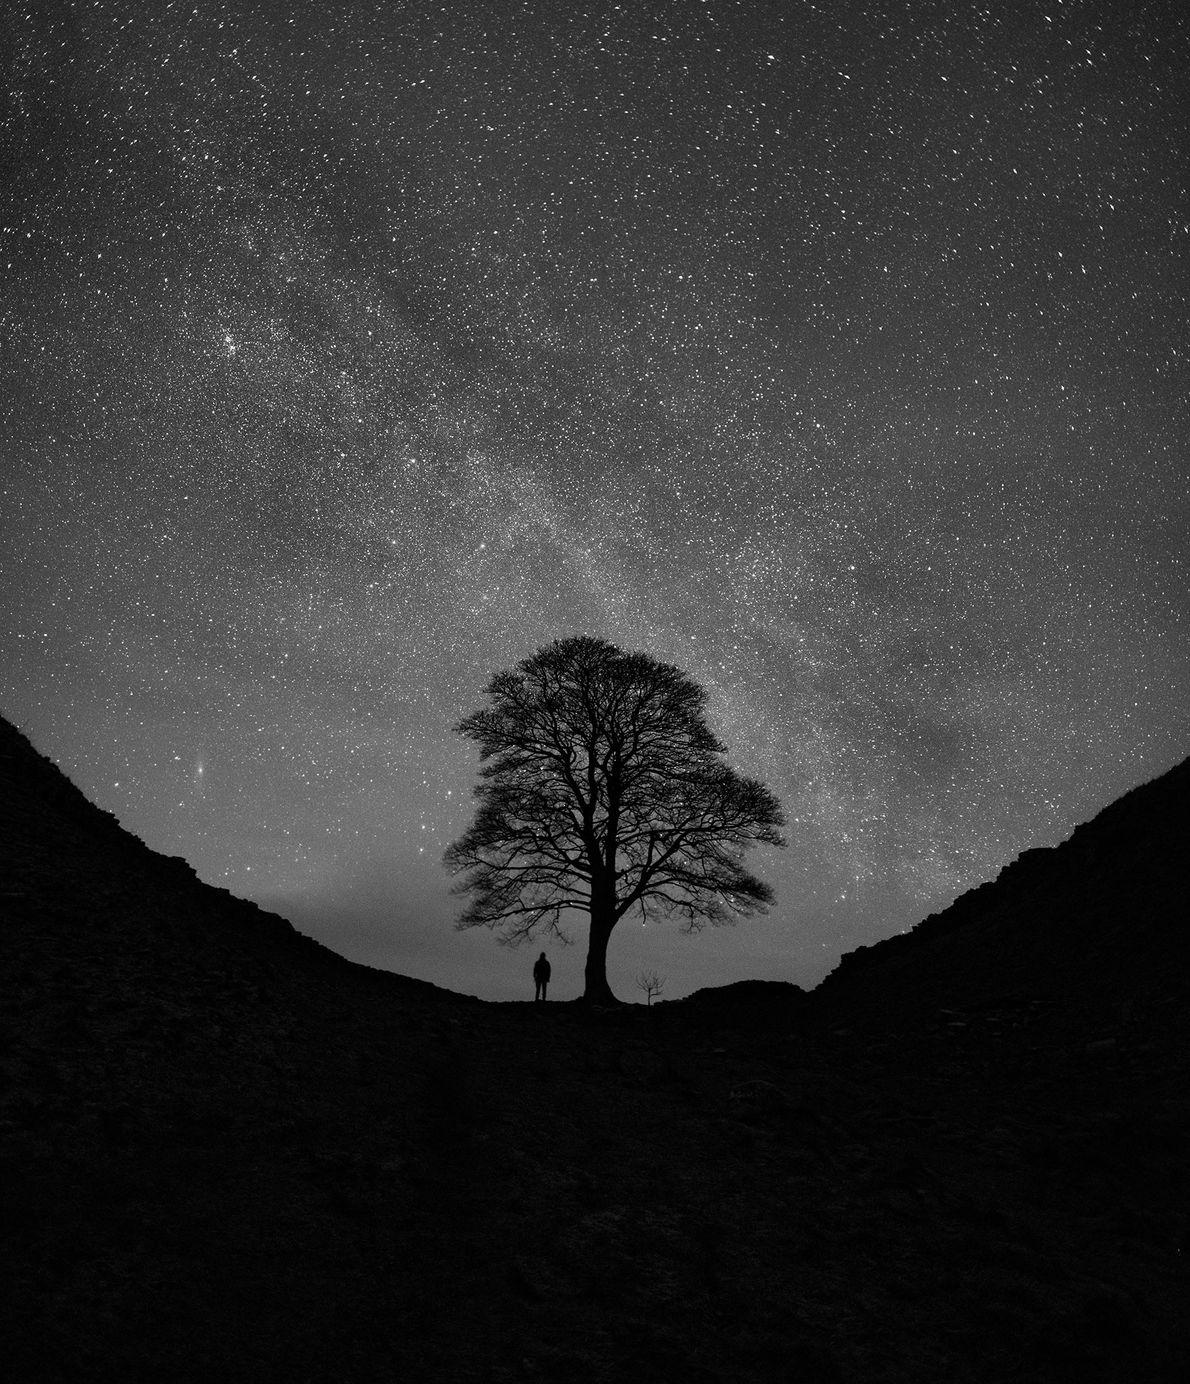 As galáxias Via Láctea e Andrômeda brilham em uma noite de inverno na Muralha de Adriano ...